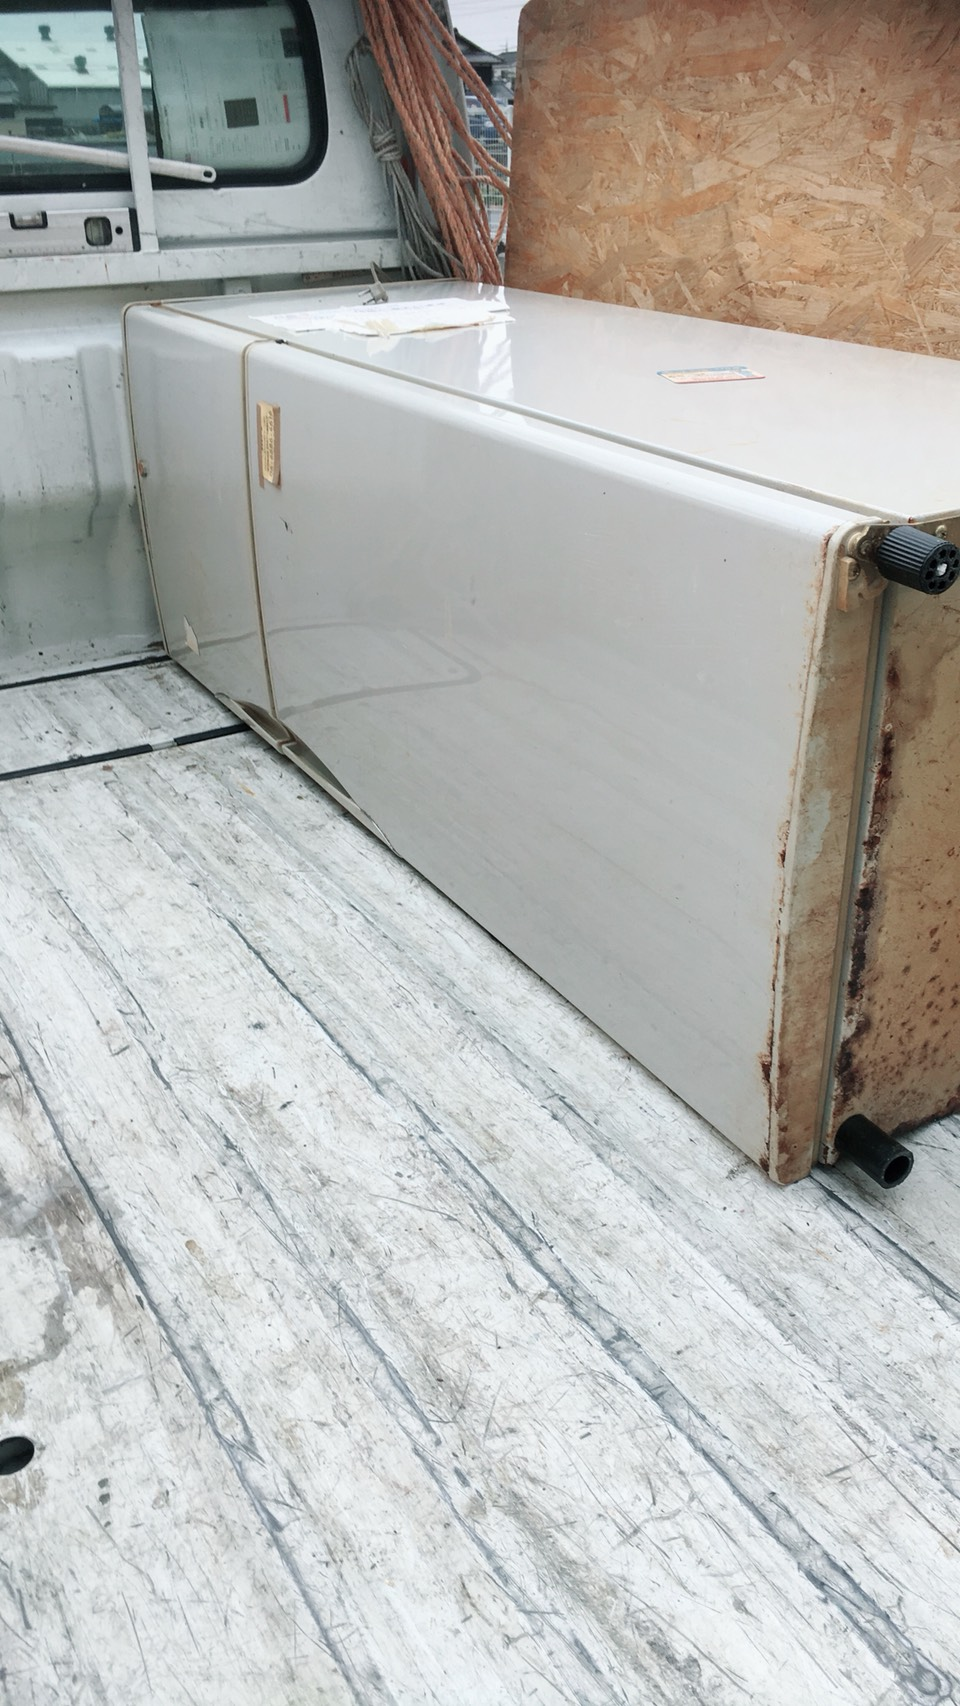 京都市上京区中社町で冷蔵庫など引越しに伴う不用品処分 施工事例紹介